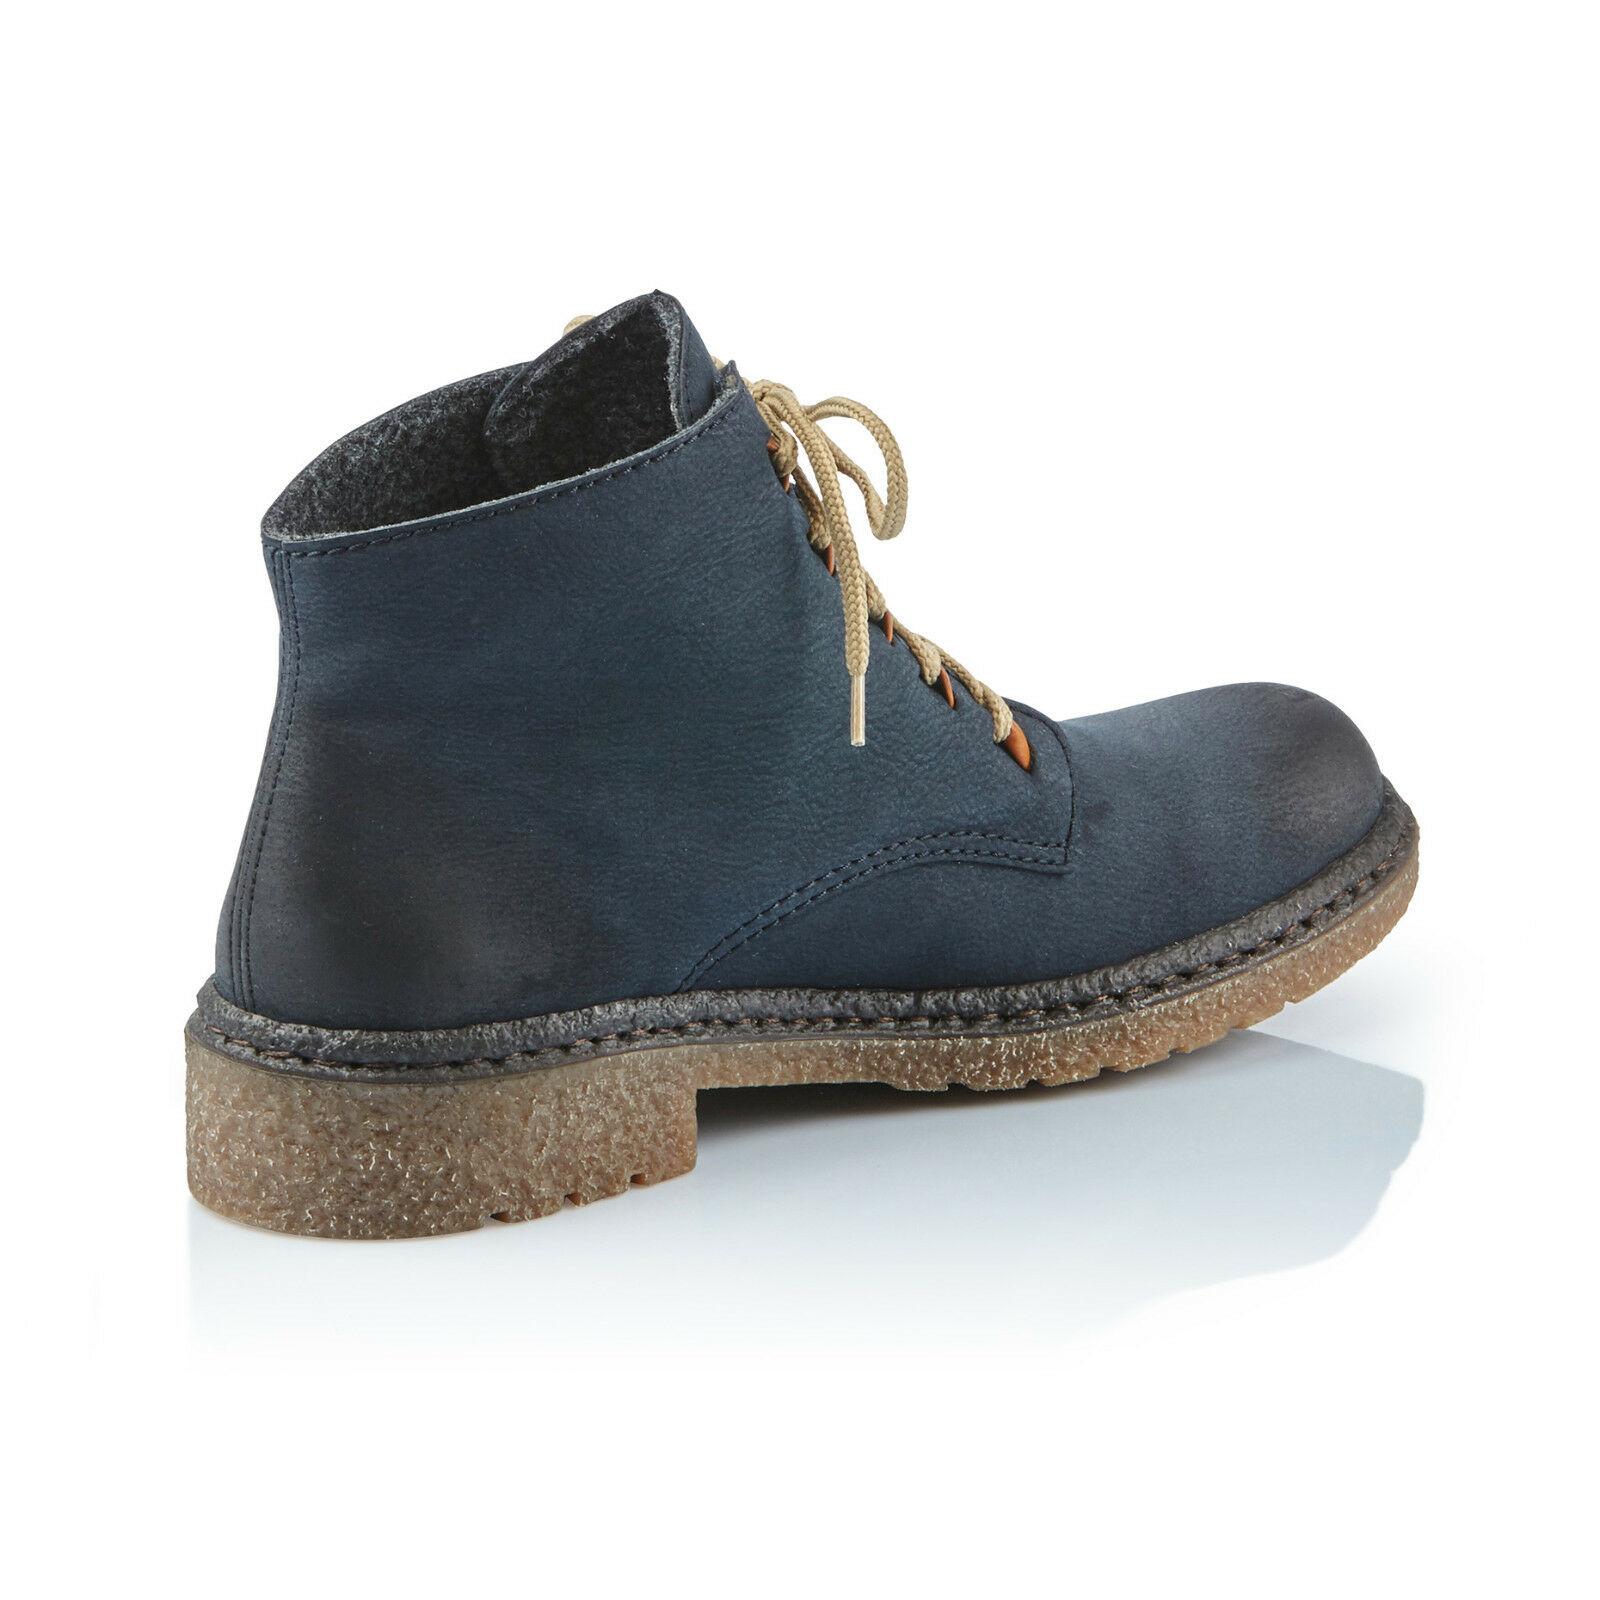 Rieker Damen Schnürschuhe Schnürschuhe Damen Stiefel Stiefel blau 53244 NEU  75b771